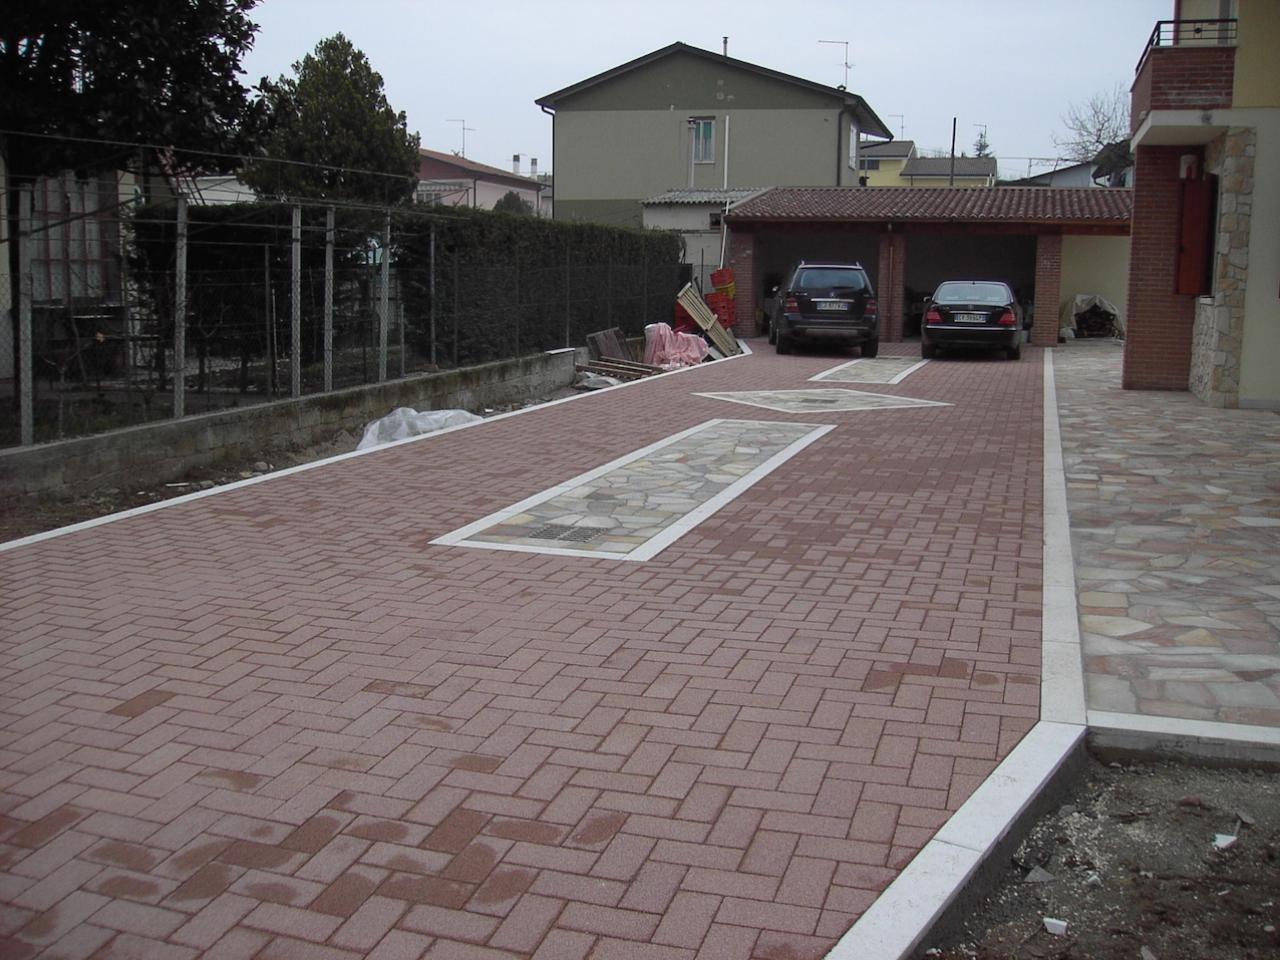 Pavimento esterno in betonella autobloccante e quarzite for Pavimento in autobloccanti